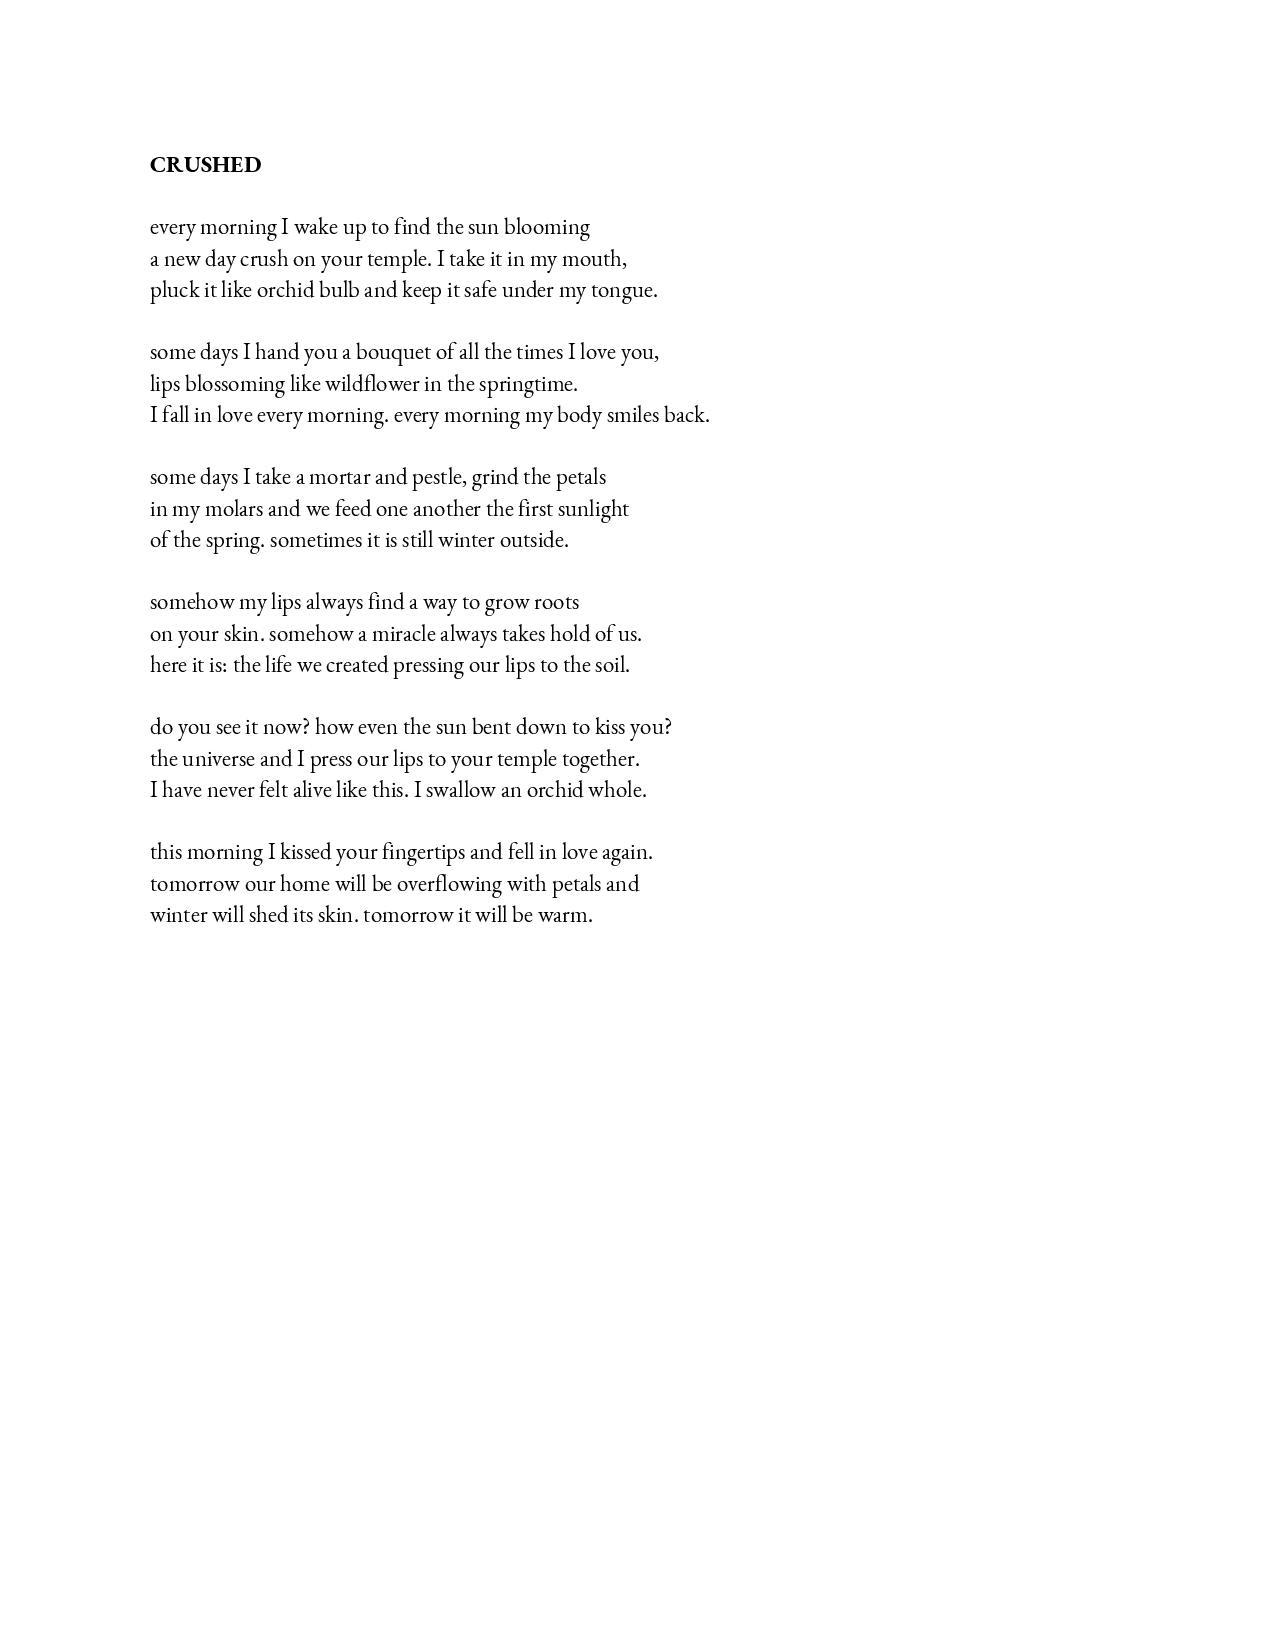 poems-page-001.jpg